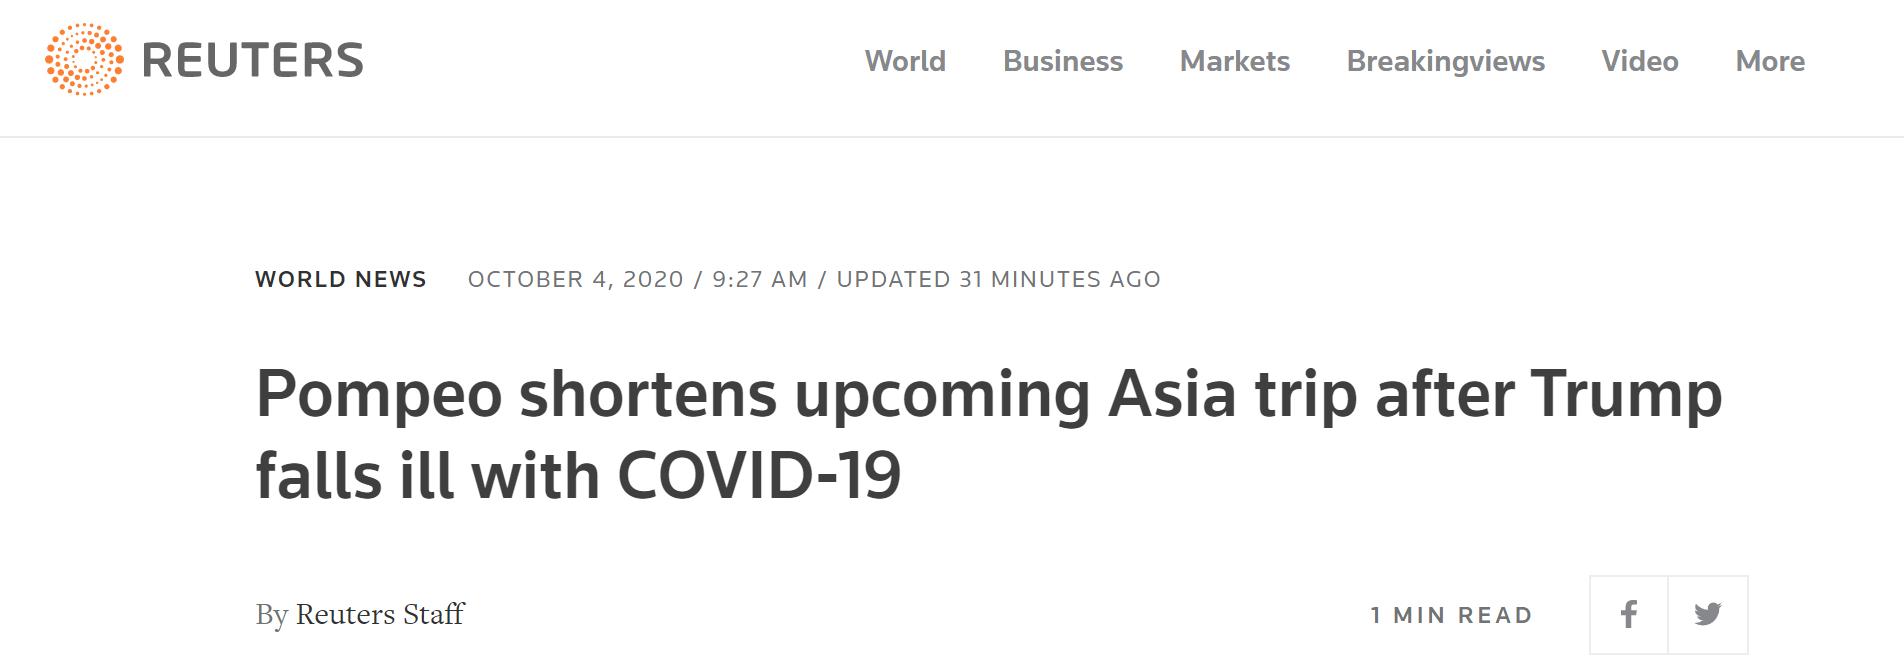 【炮兵社区app管家中心】_计划变了!蓬佩奥将访问日本,但不前往蒙古国和韩国